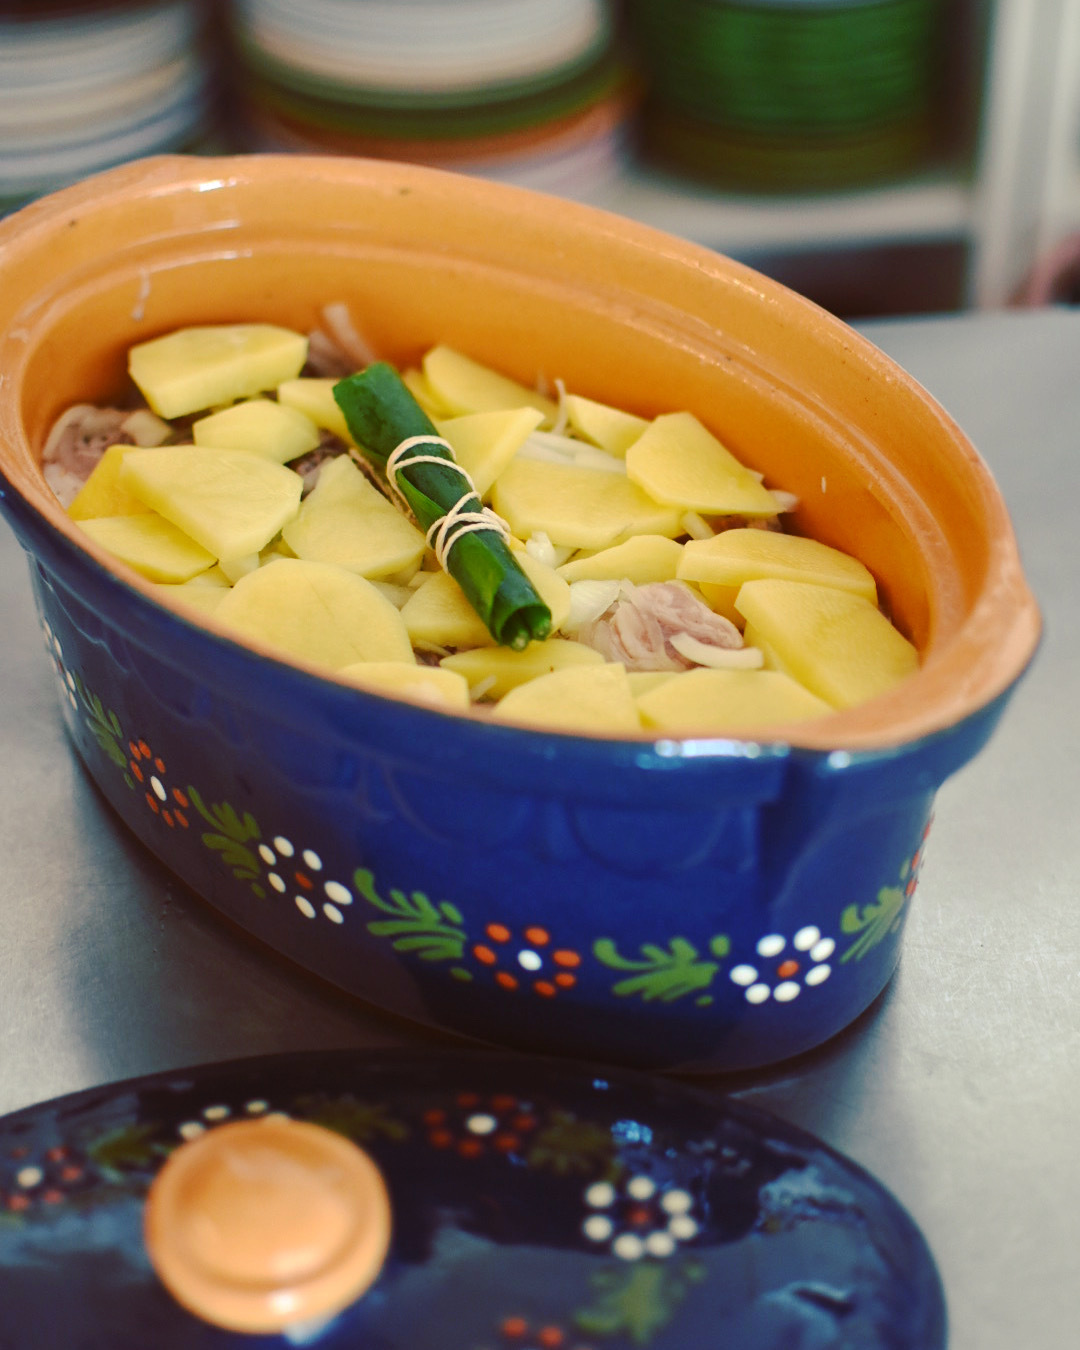 アルザス料理とおいしいお土産 スペシャルレッスン風景_a0100596_10245592.jpeg